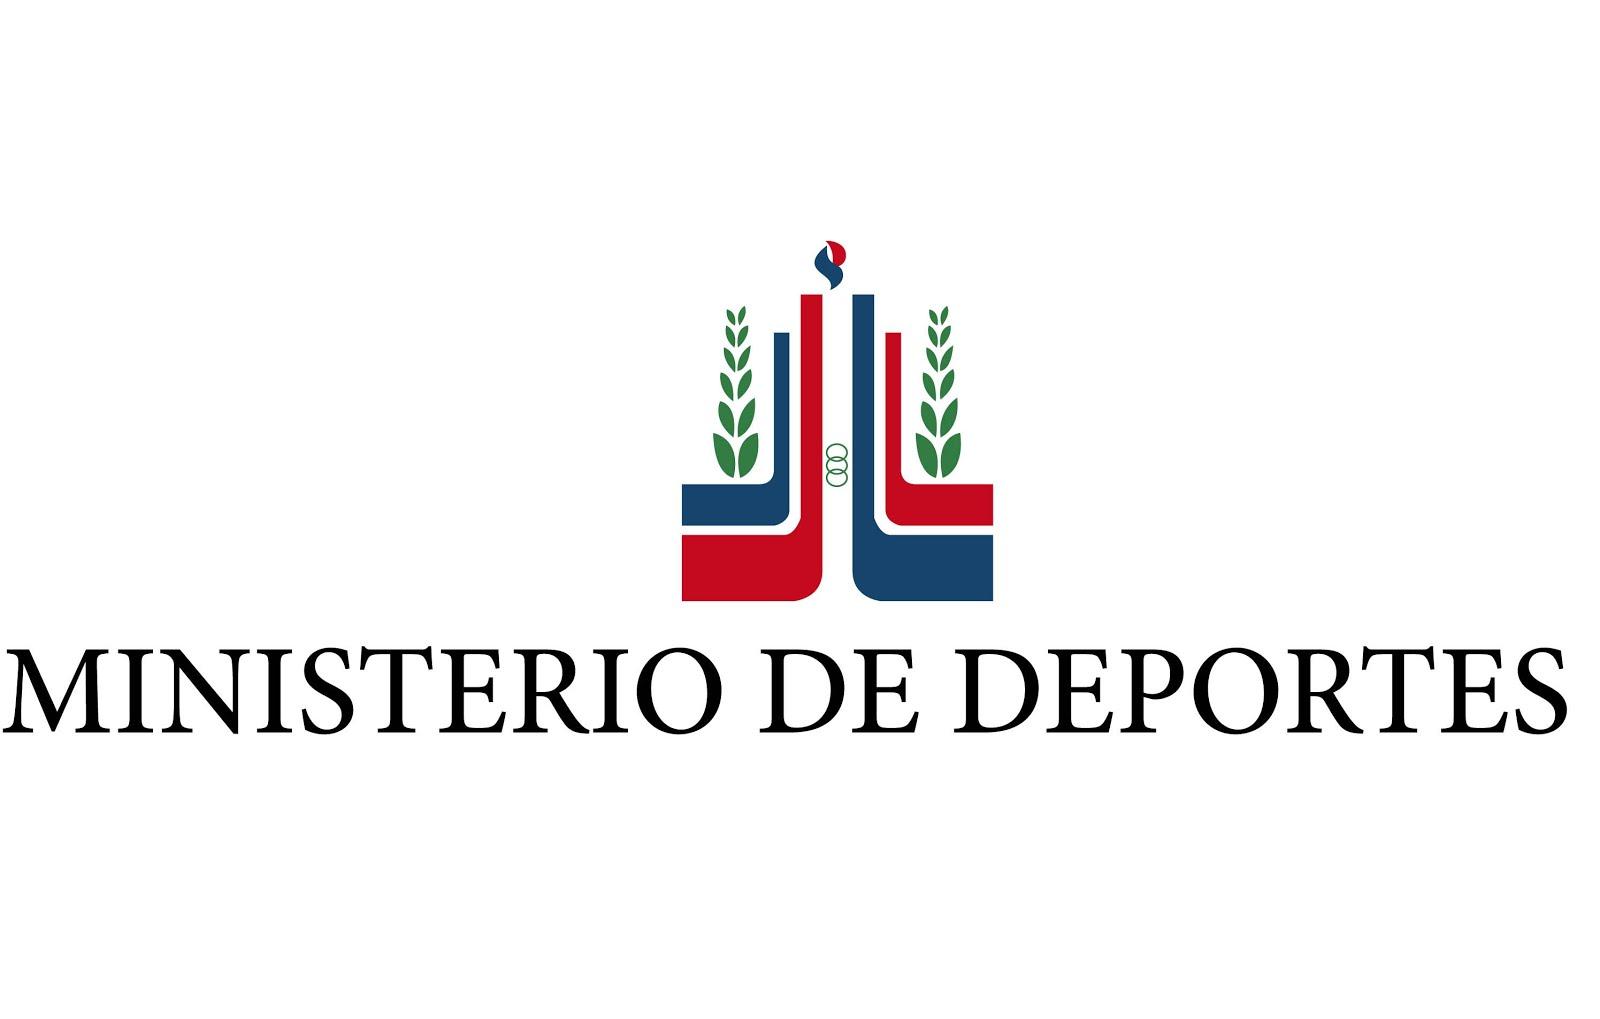 MINISTERIO DE DEPORTES Y RECREACIÓN MIDER EC